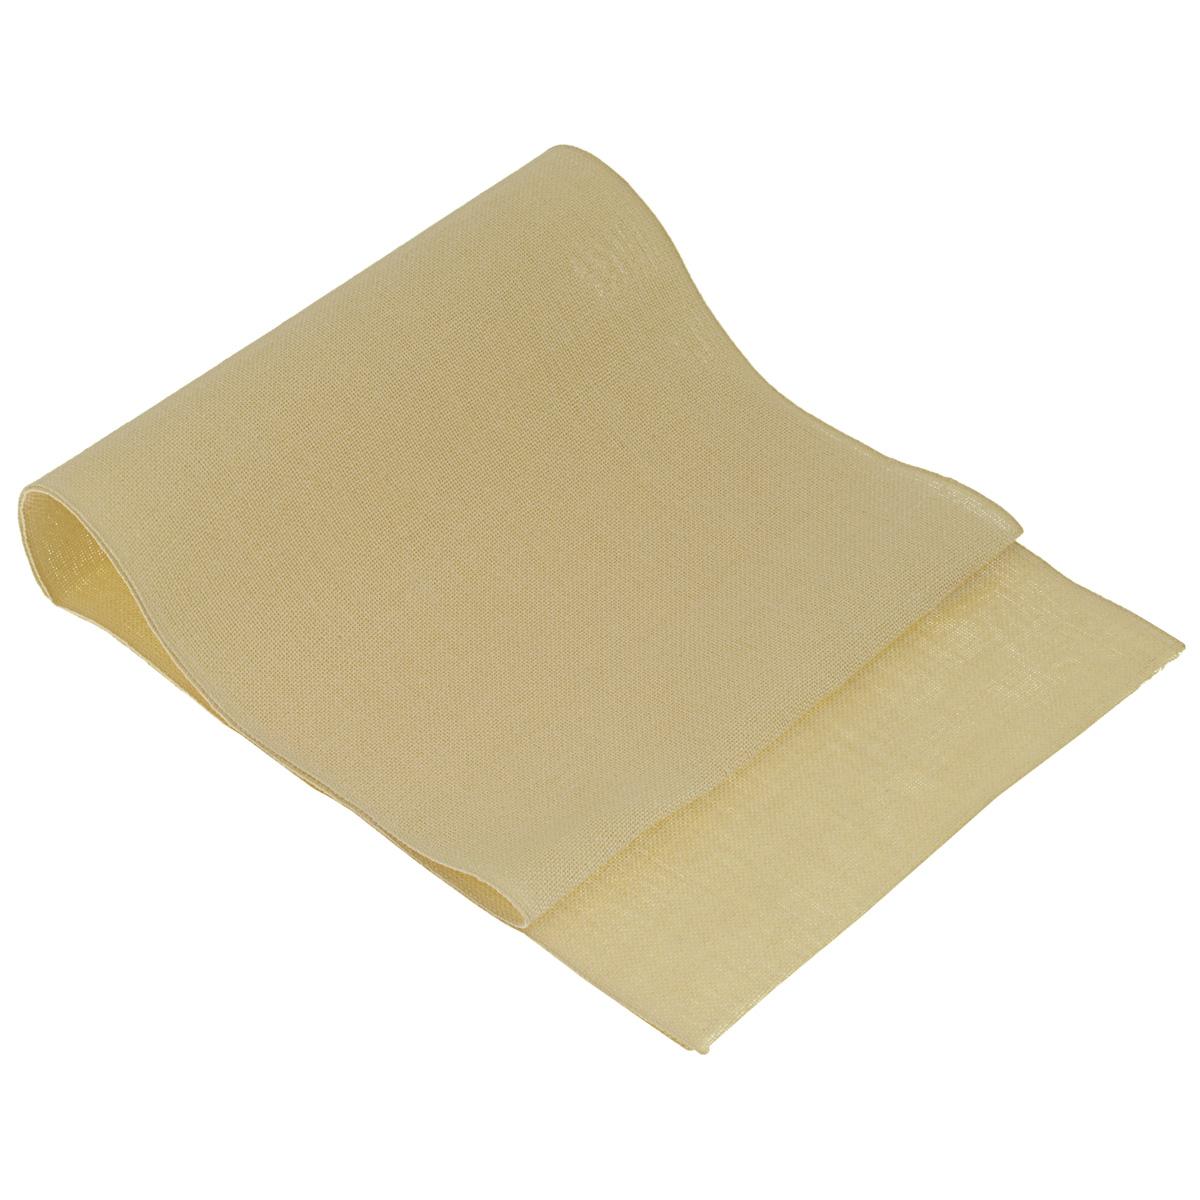 Основа для вышивания крестом или гладью Vaupel & Heilenbeck, цвет: песочный, 40 см х 100 см226-400Основа для вышивания крестом или гладью Vaupel & Heilenbeck представляет собой однотонную 11-ти ниточную дорожку, выполненную из 100% льна. Воплотите свои идеи на этой дорожке! Дорожка, украшенная своими руками, дополнит интерьер любого помещения, а также сможет стать изысканным подарком для ваших друзей и близких.